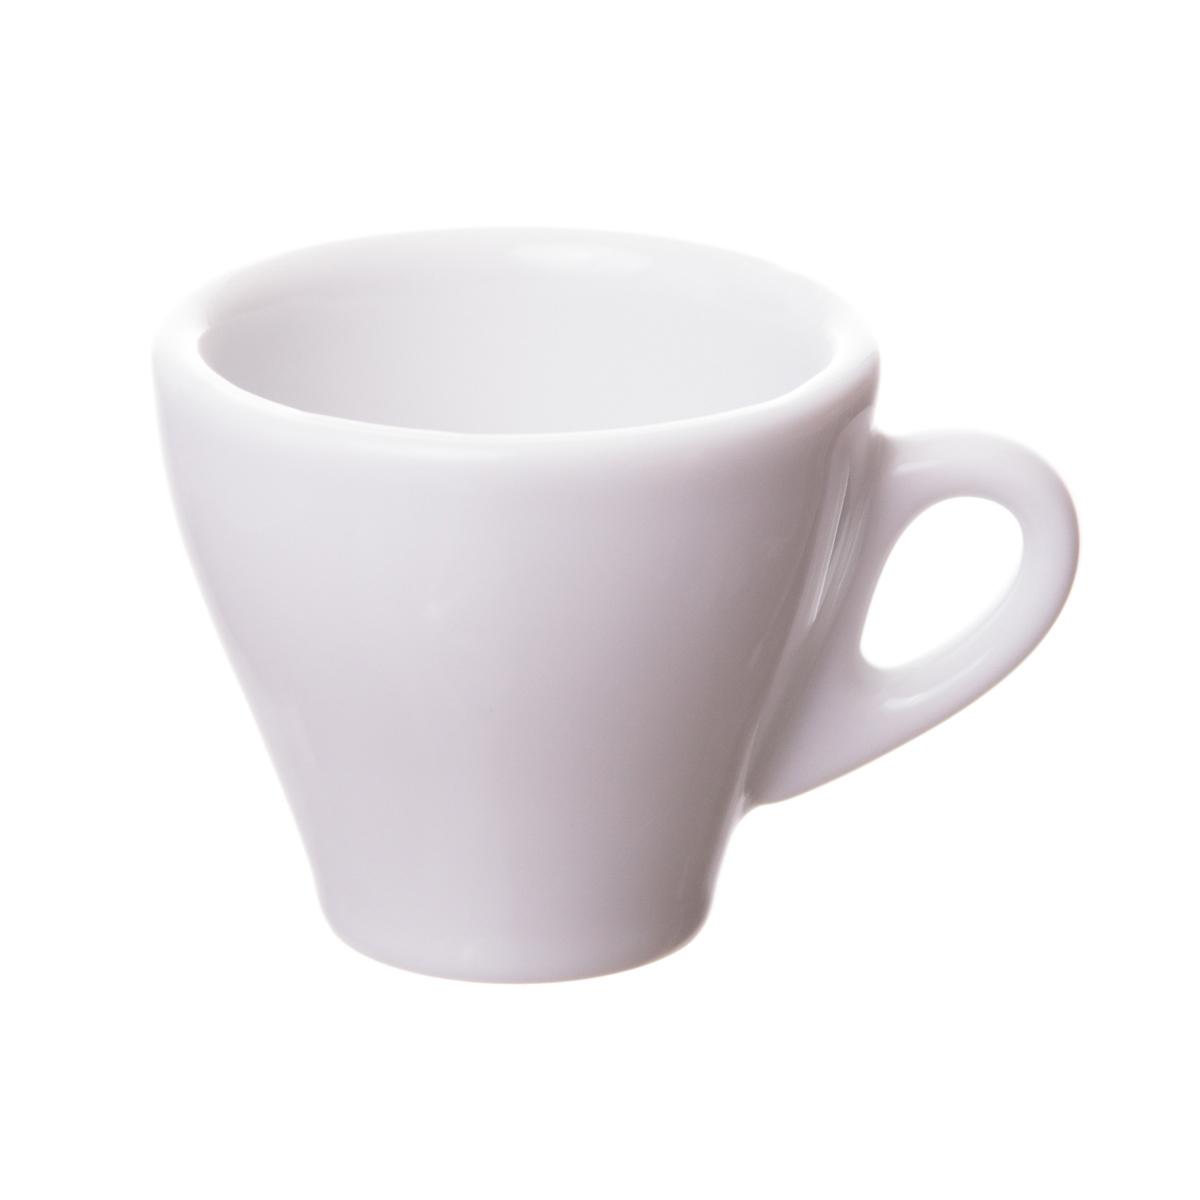 Ancap Cups